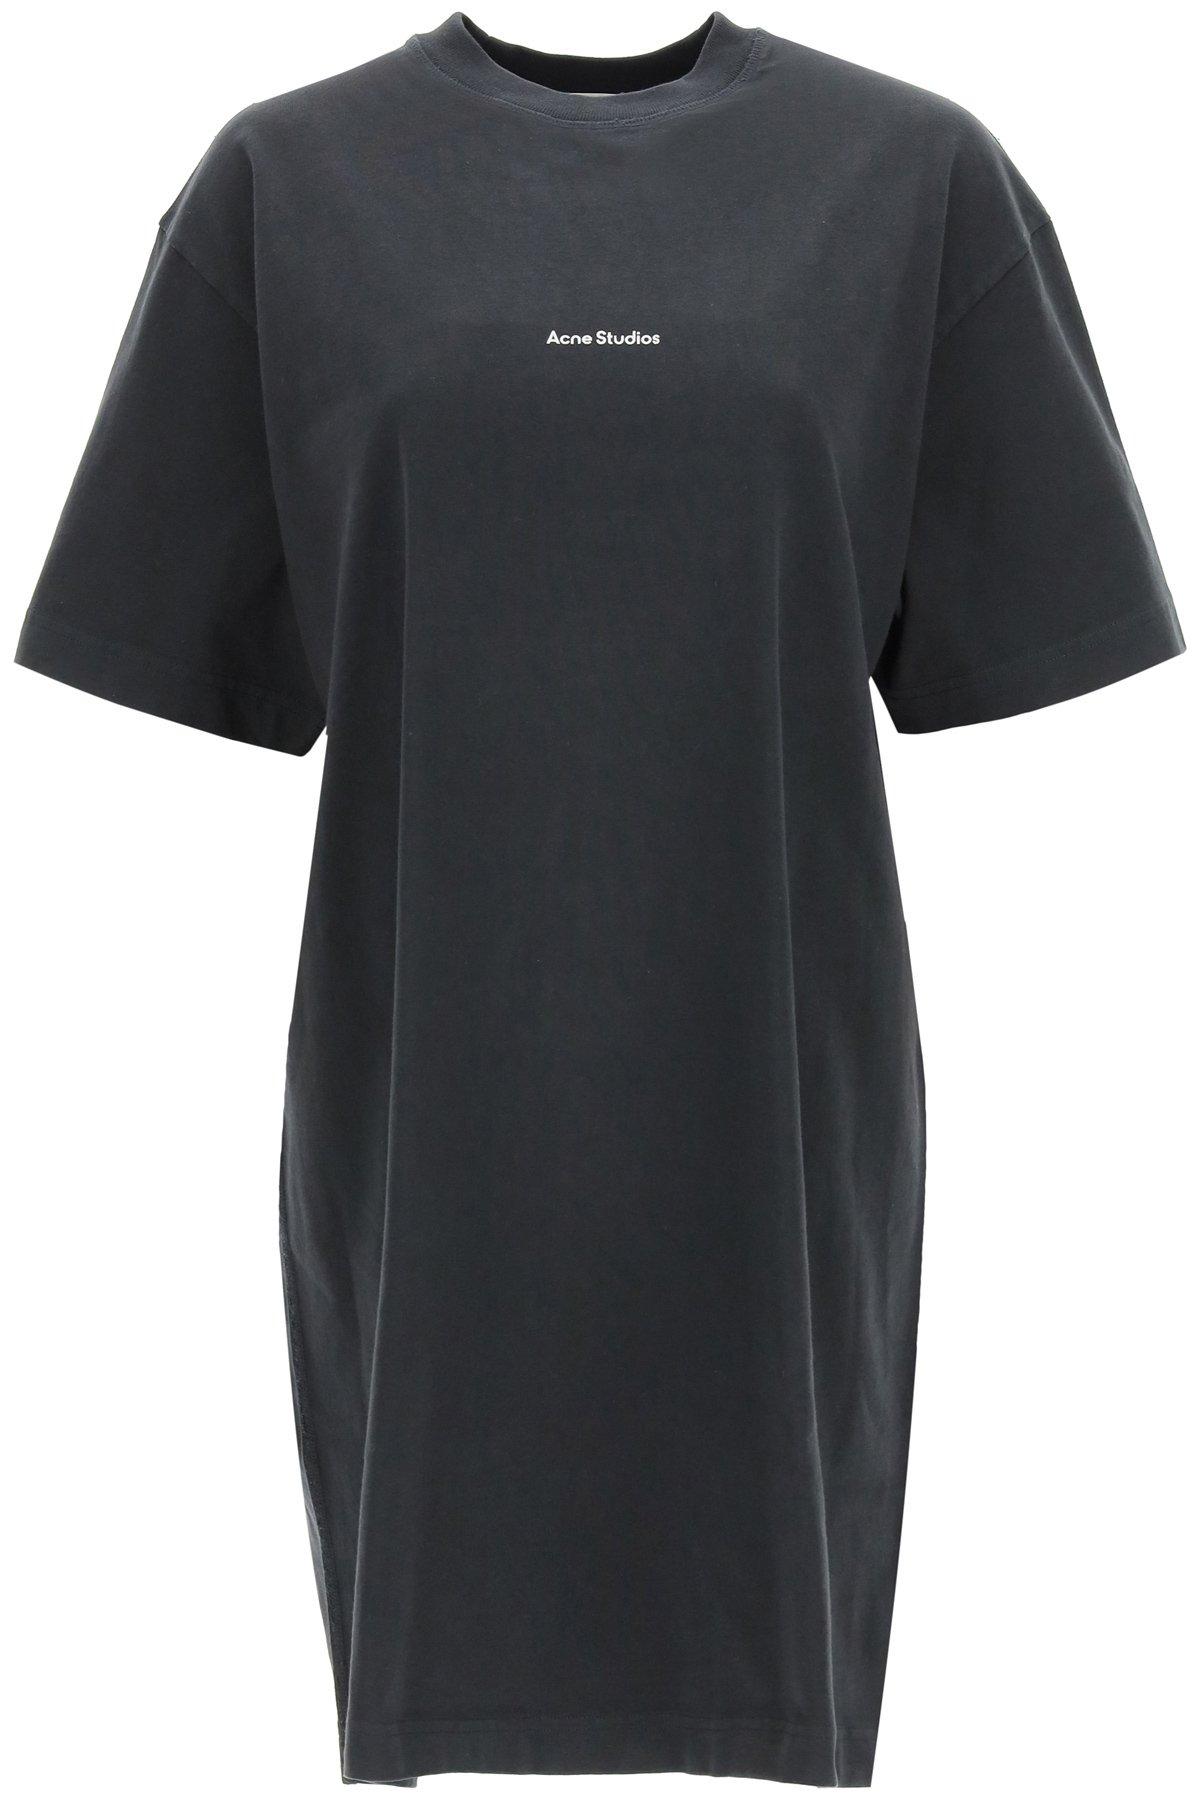 Acne studios abito t-shirt con stampa logo